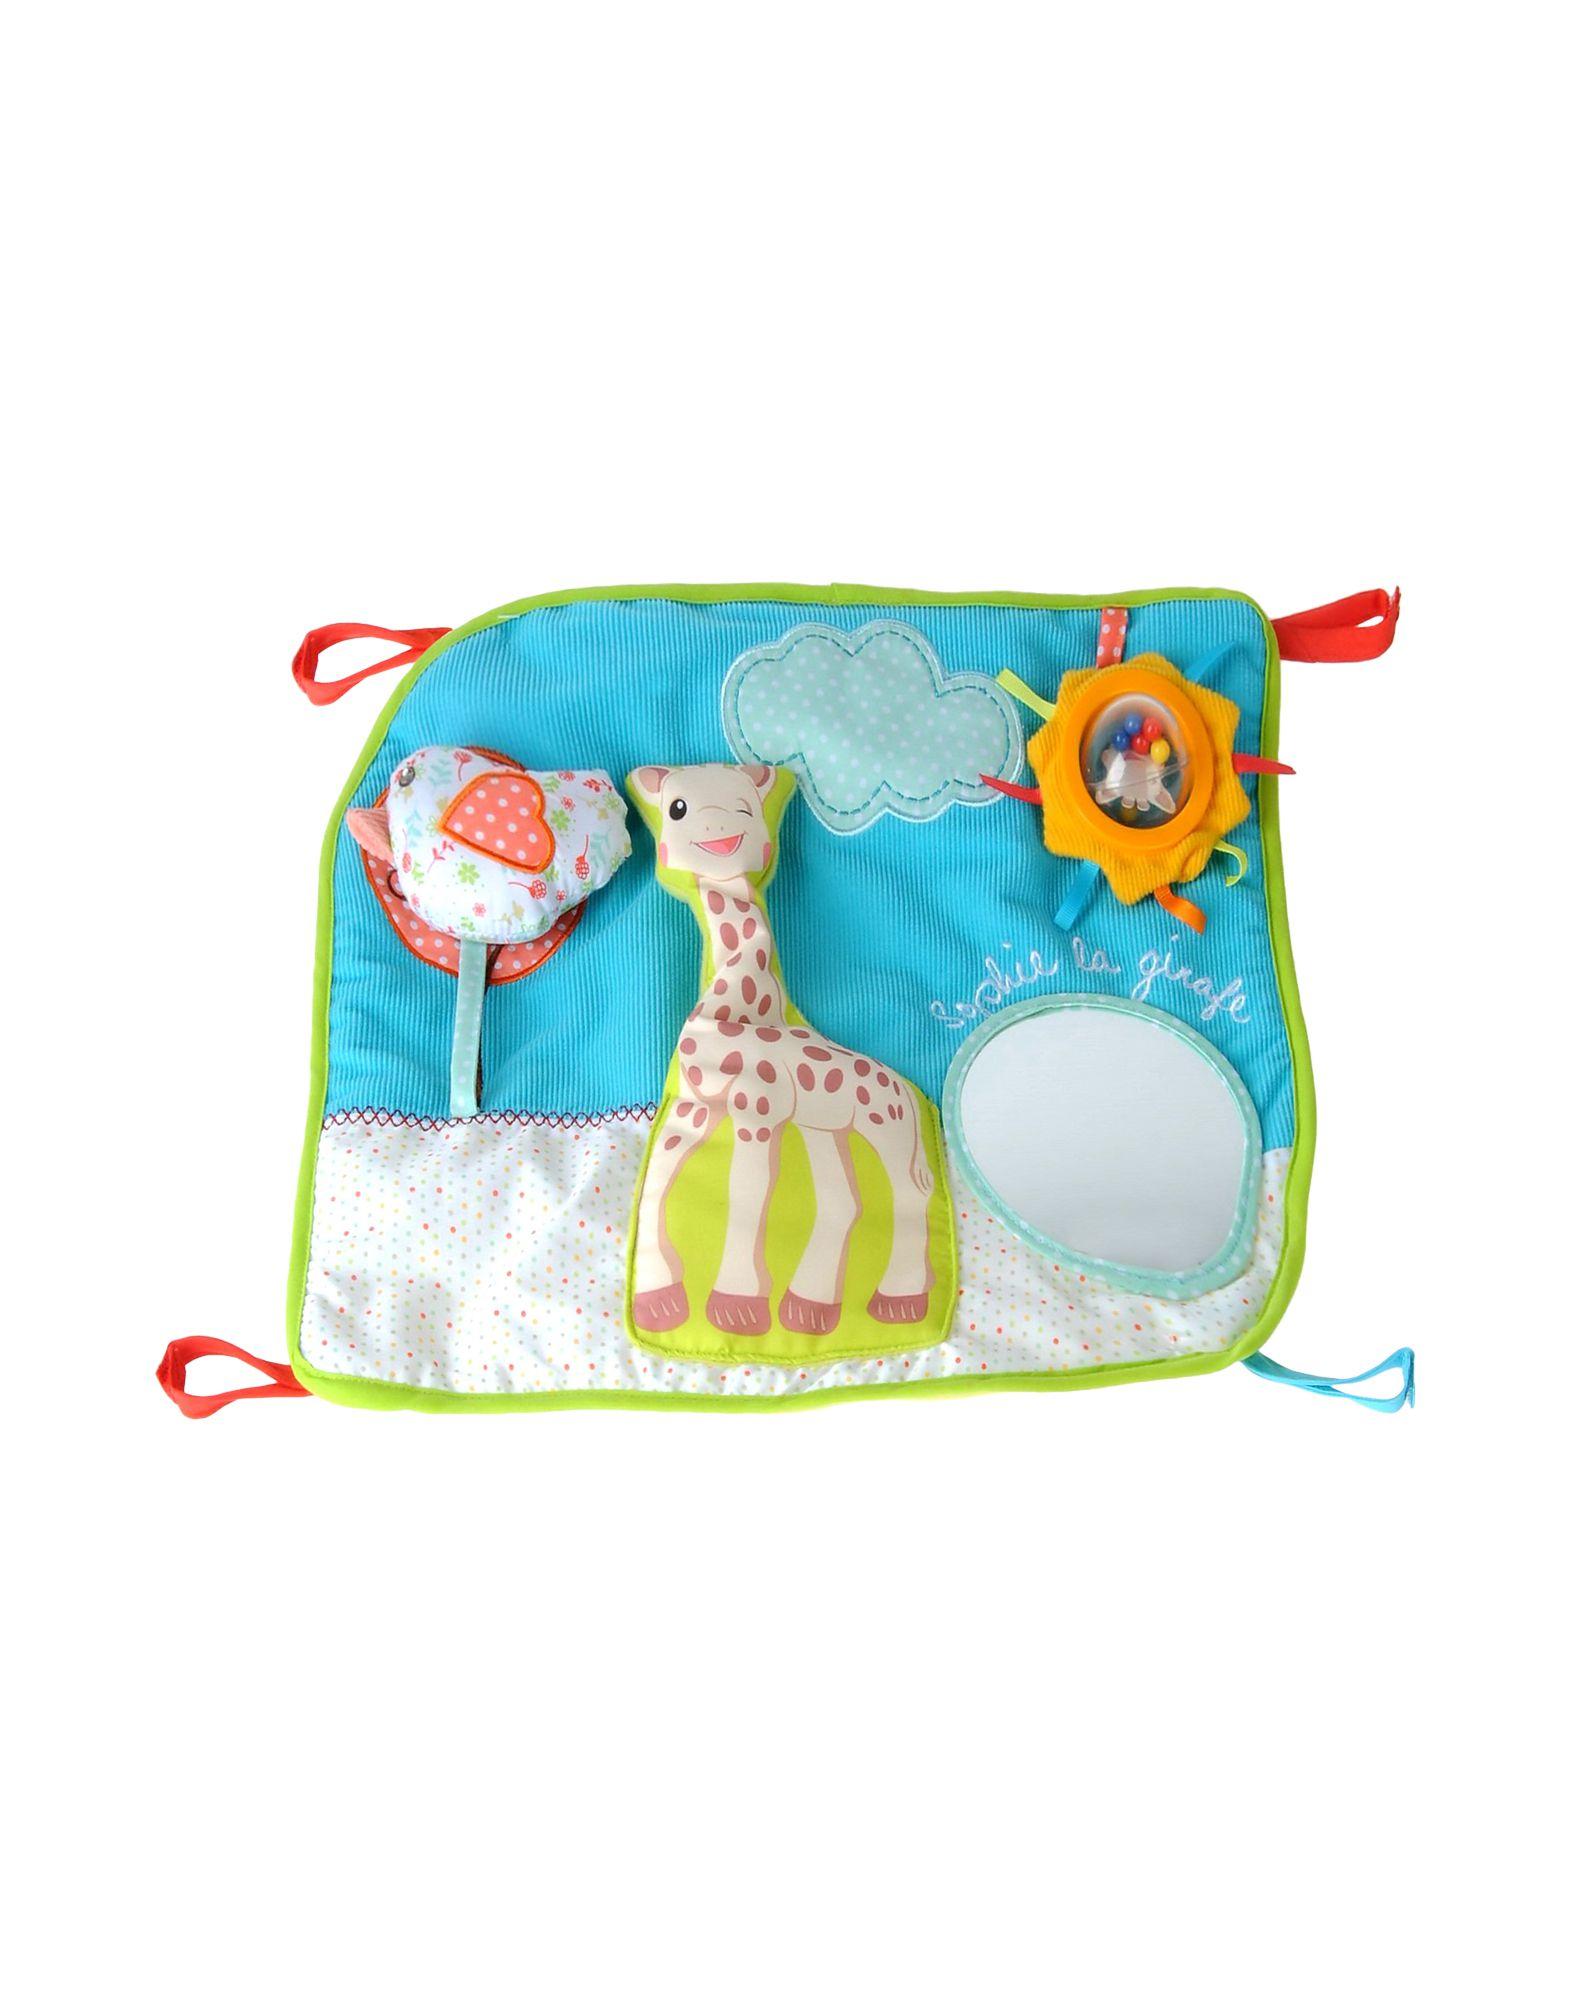 SOPHIE LA GIRAFE Unisex Baby- und Kinderspielzeuge Farbe (-) Größe 1